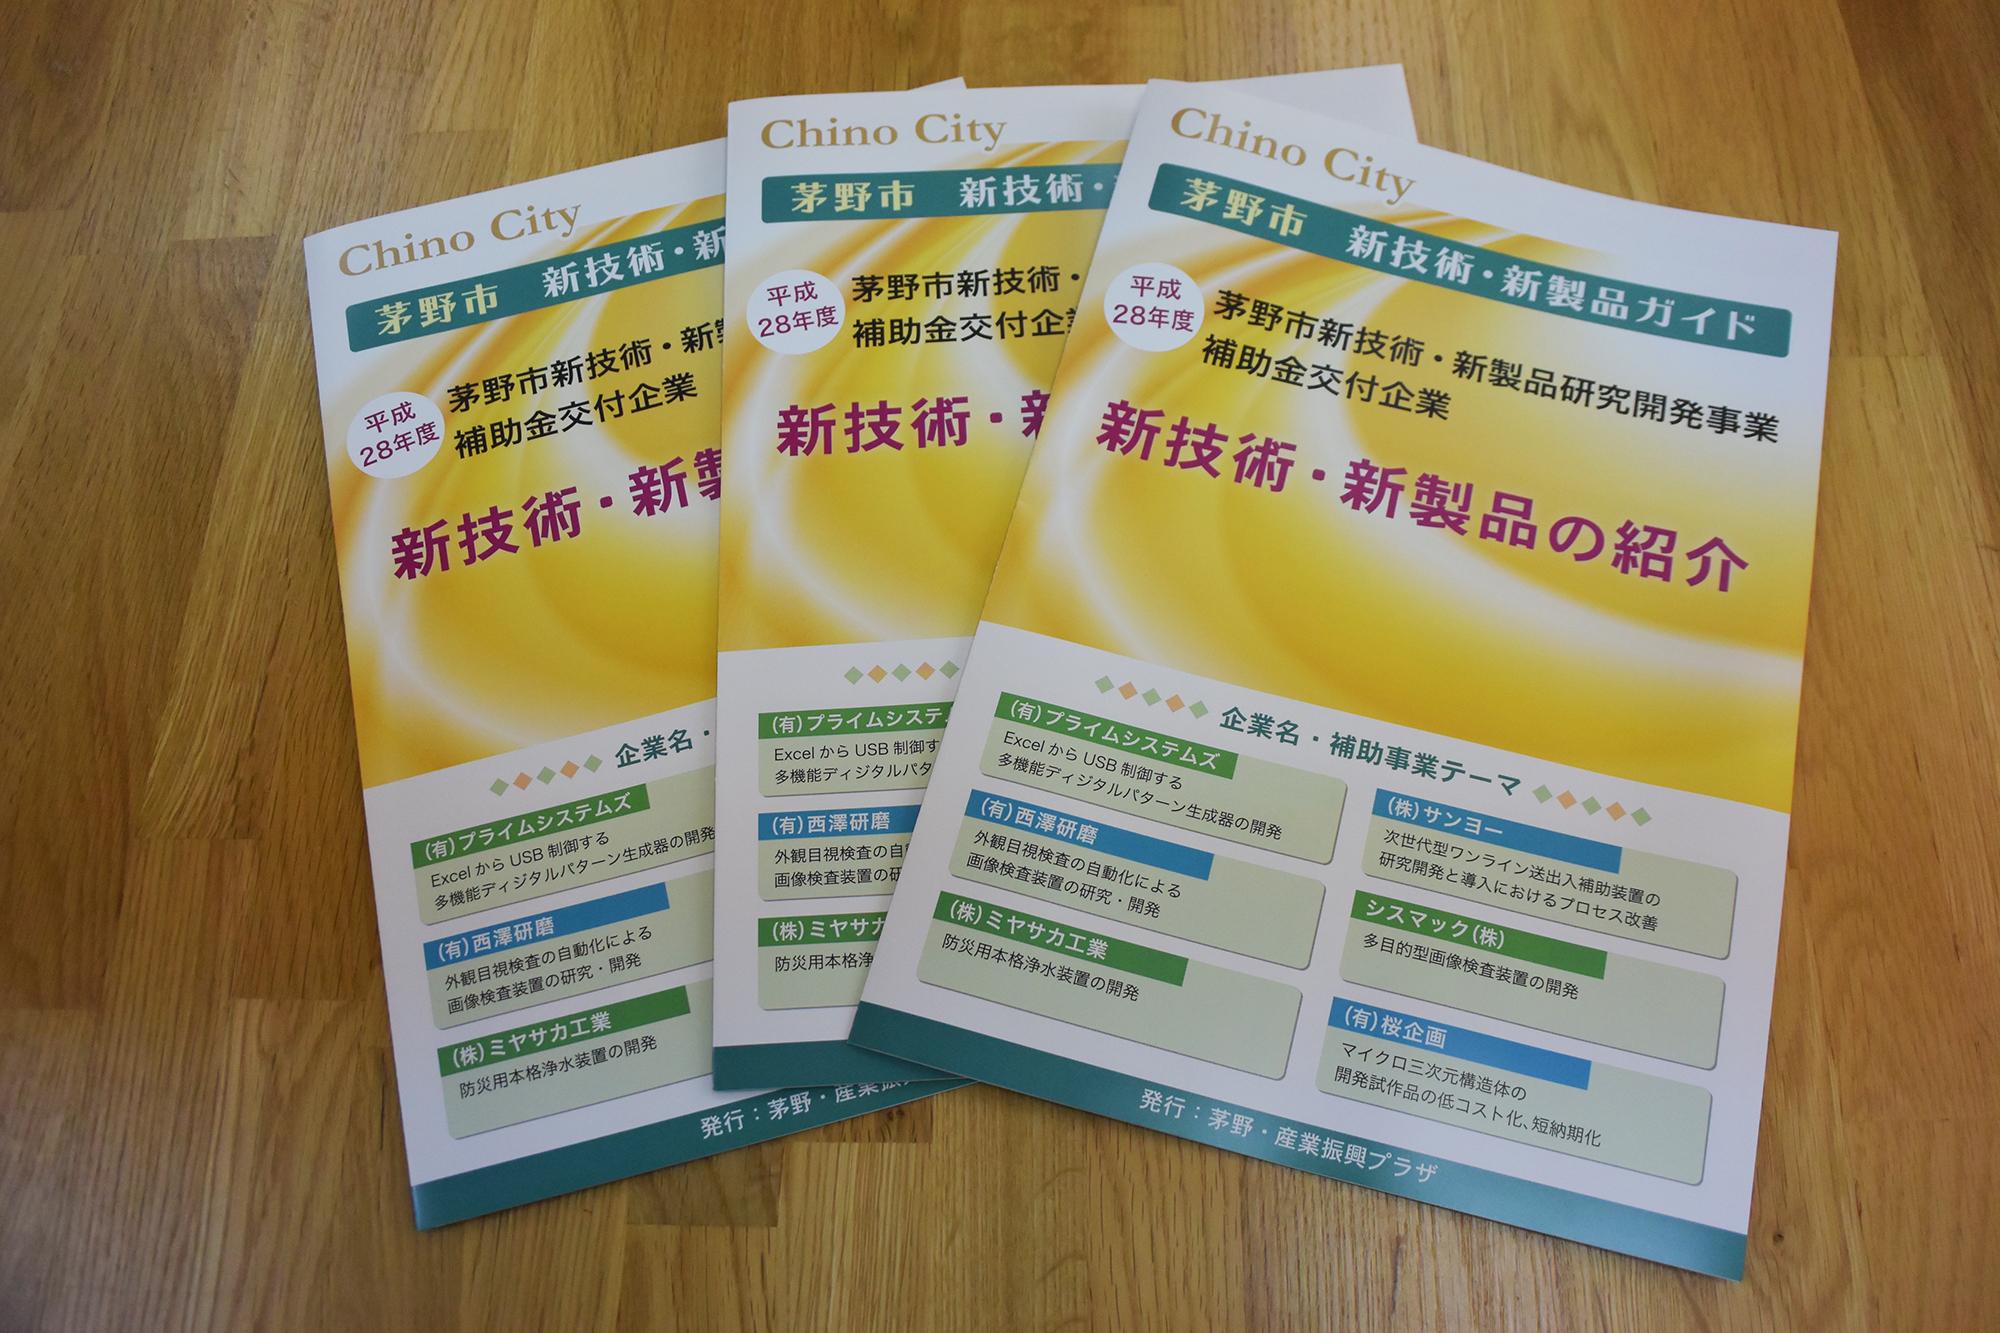 茅野市新技術・新製品ガイドパンフレットができました。